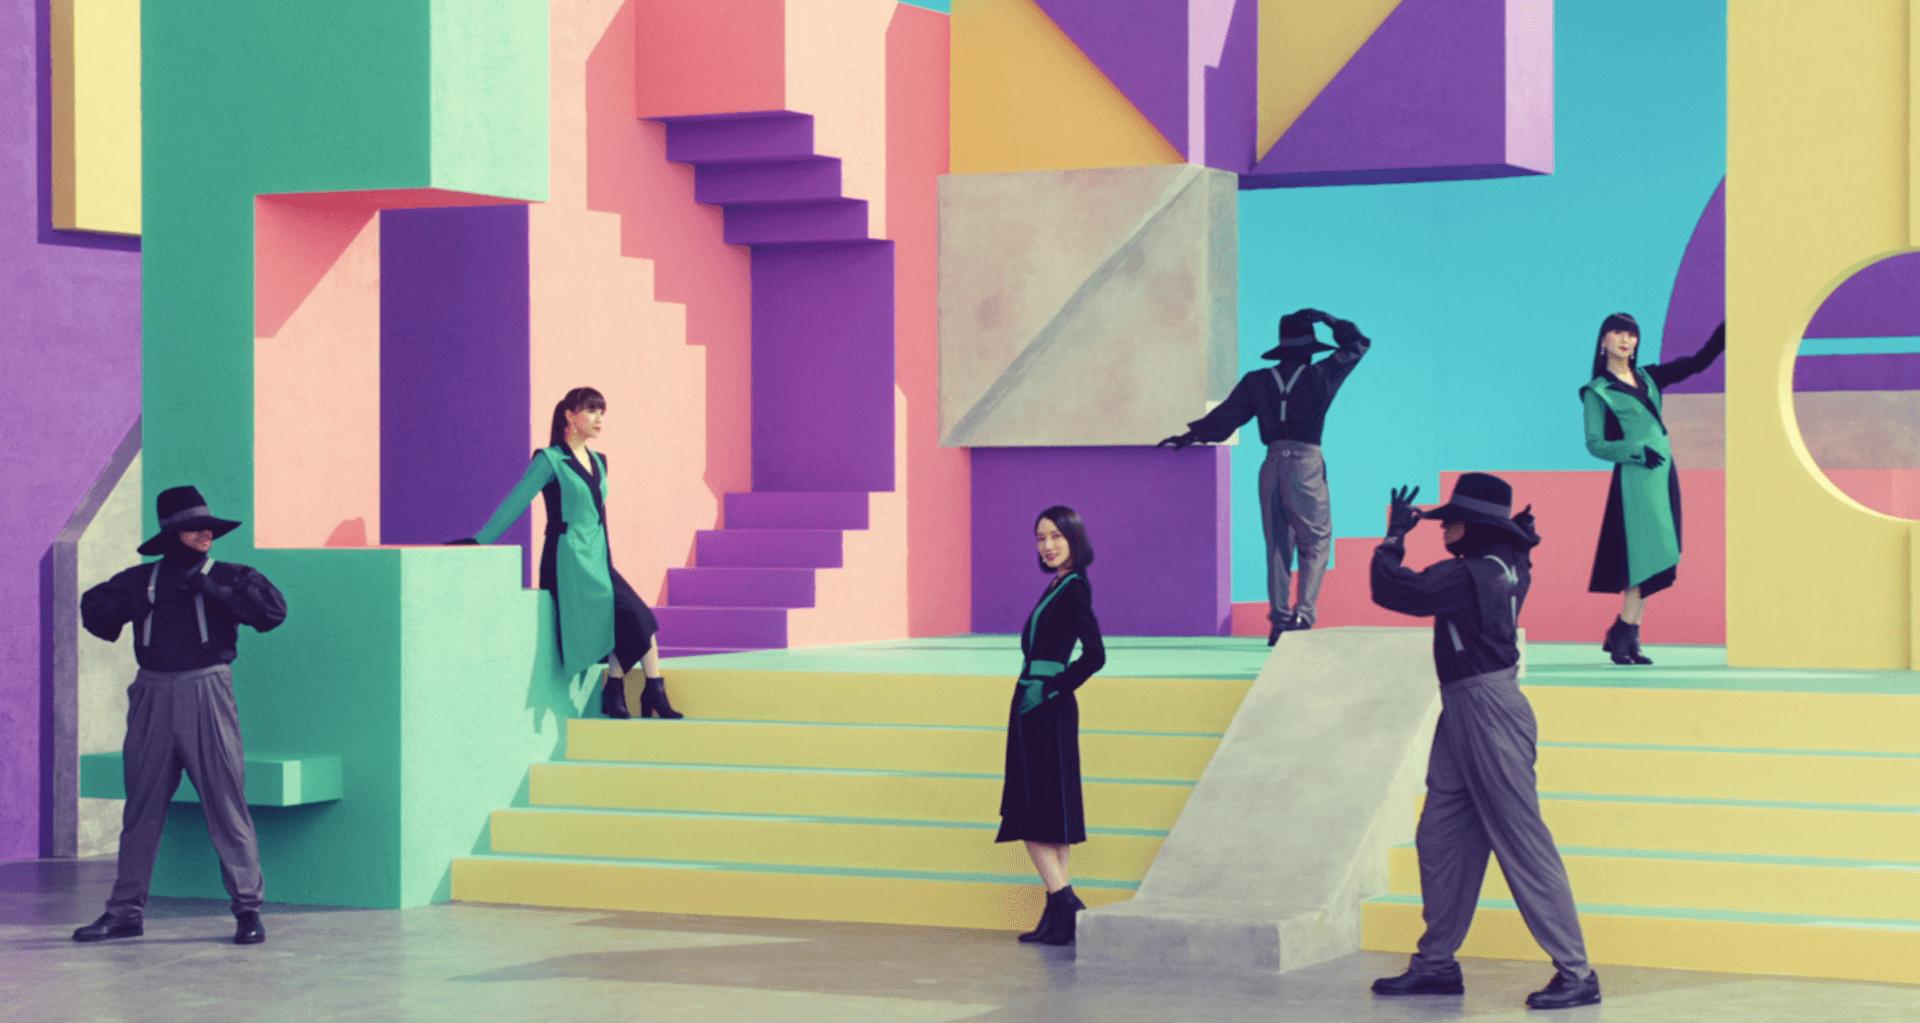 """Perfumeがニューシングル""""Time Warp""""のショートMVを本日解禁!80年代テイストの世界観に music2020910-perfume4"""